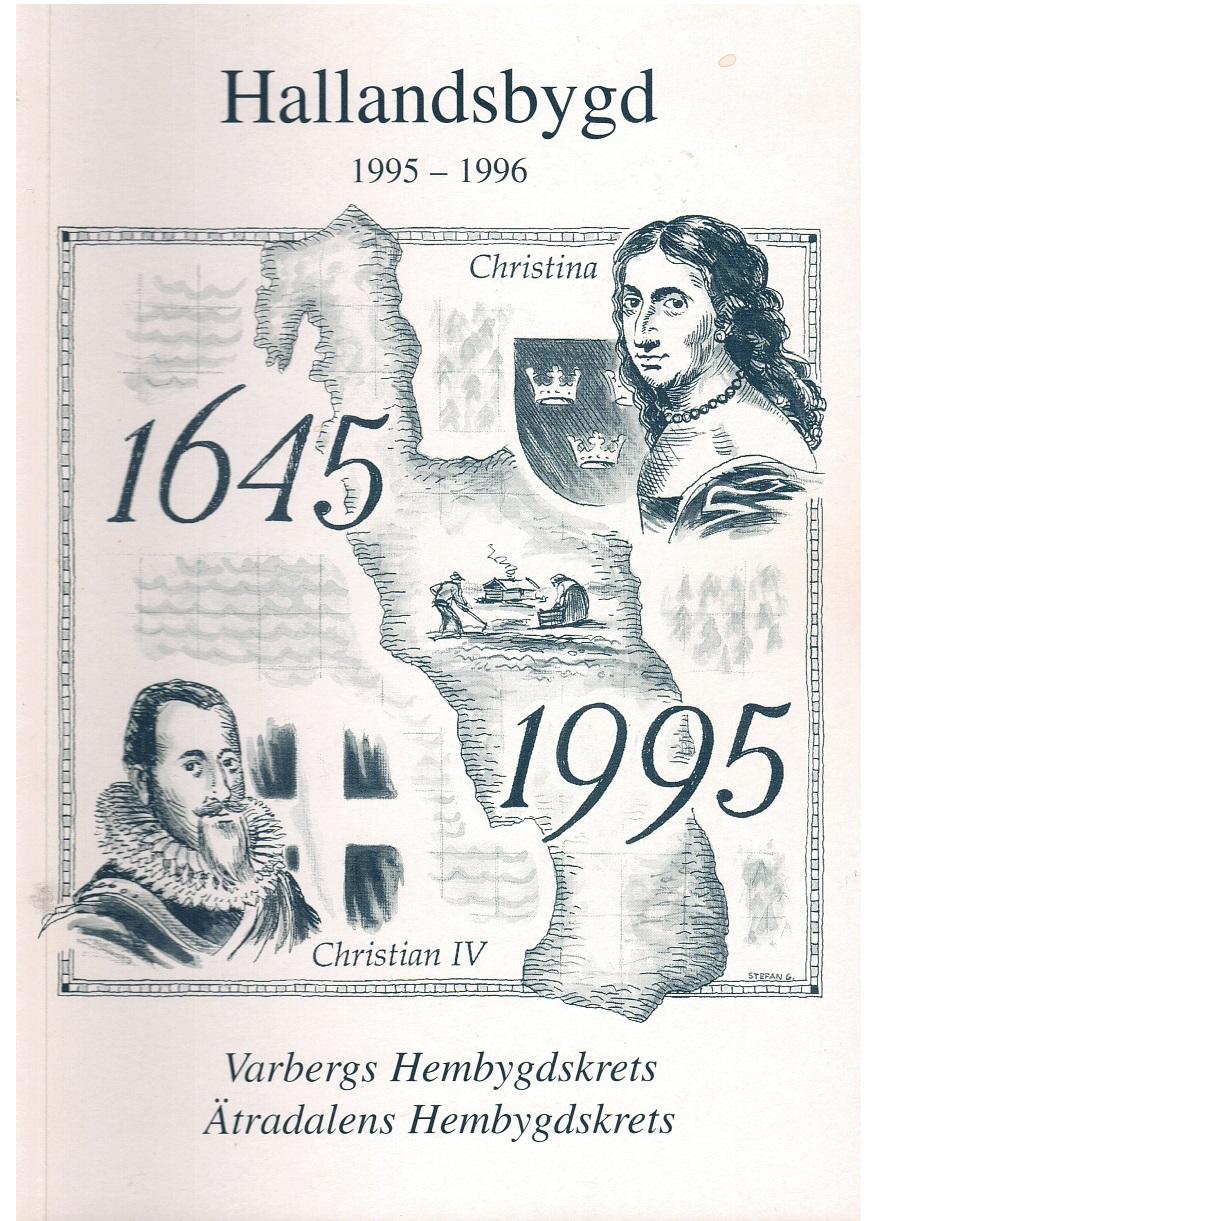 Hallandsbygd 1995-96 - Red.